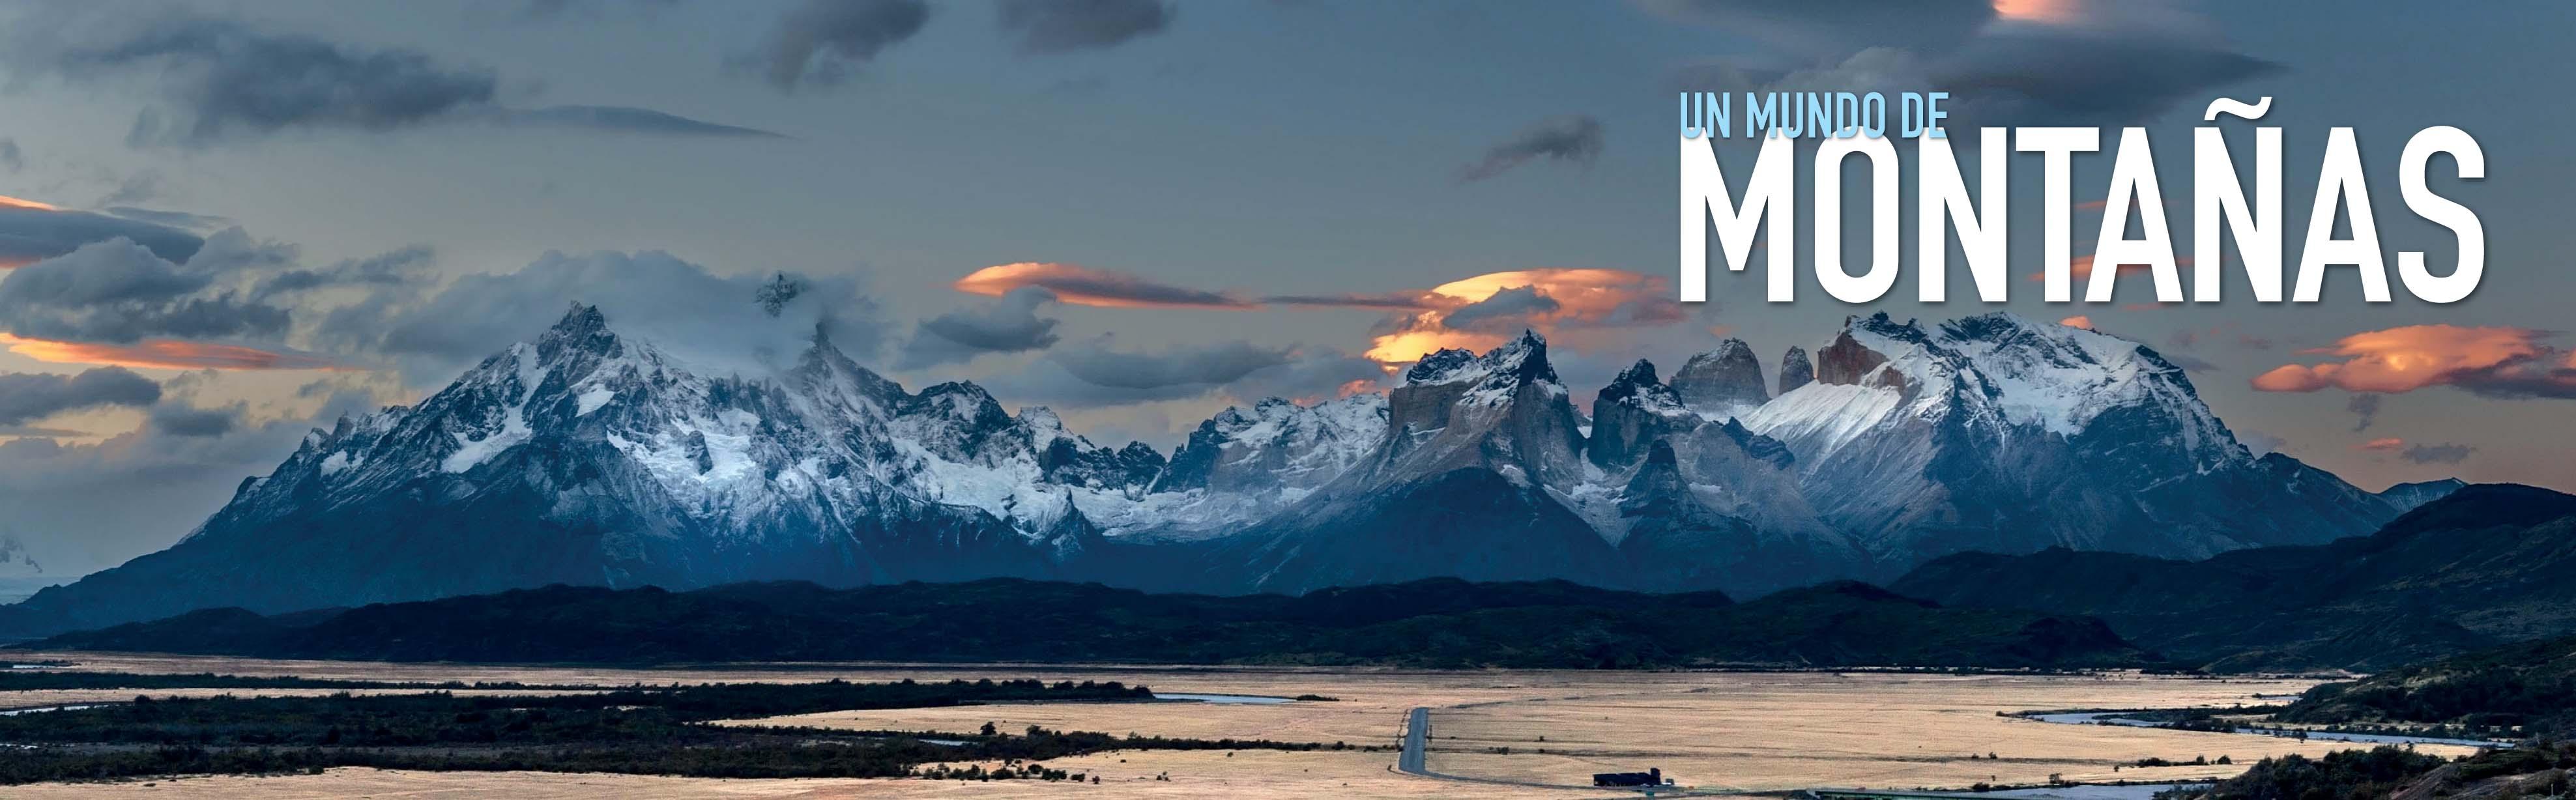 Un mundo de montañas